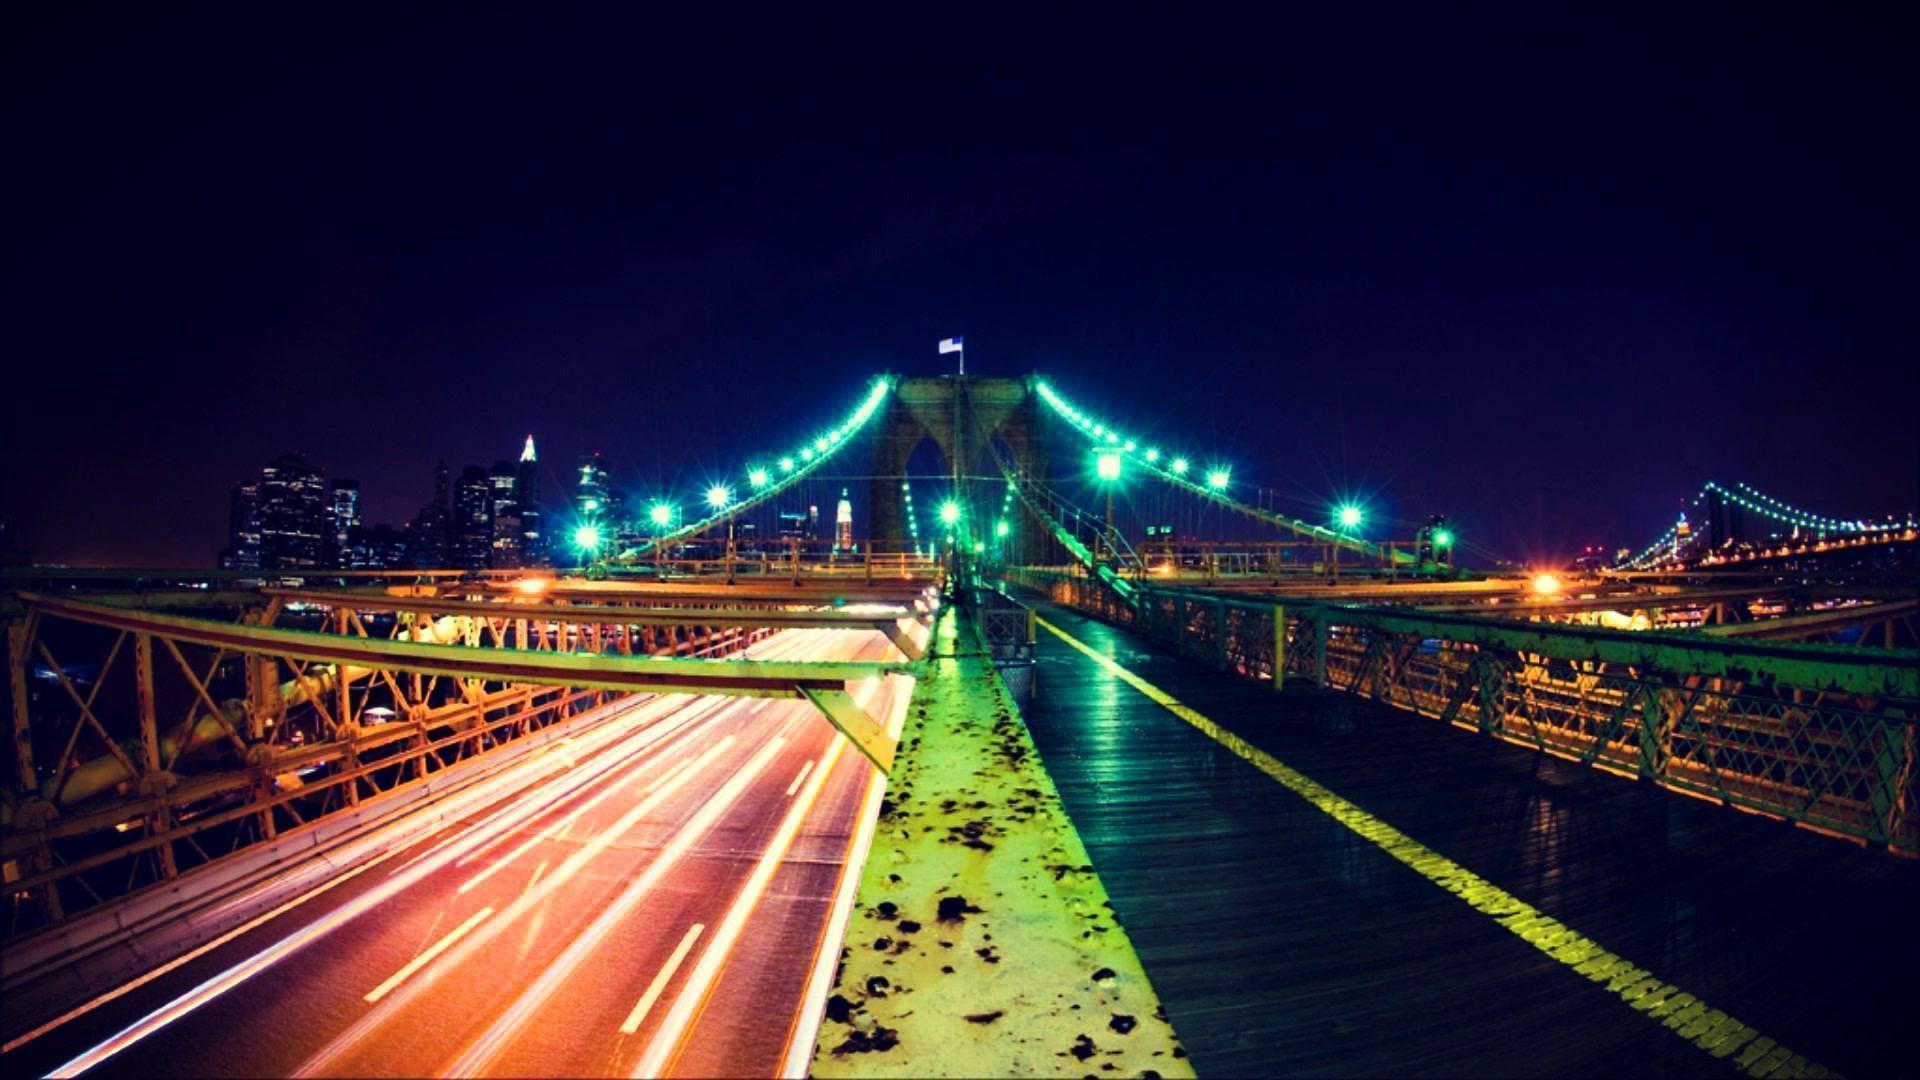 New york 1080p wallpapers wallpaper cave for Immagini desktop new york